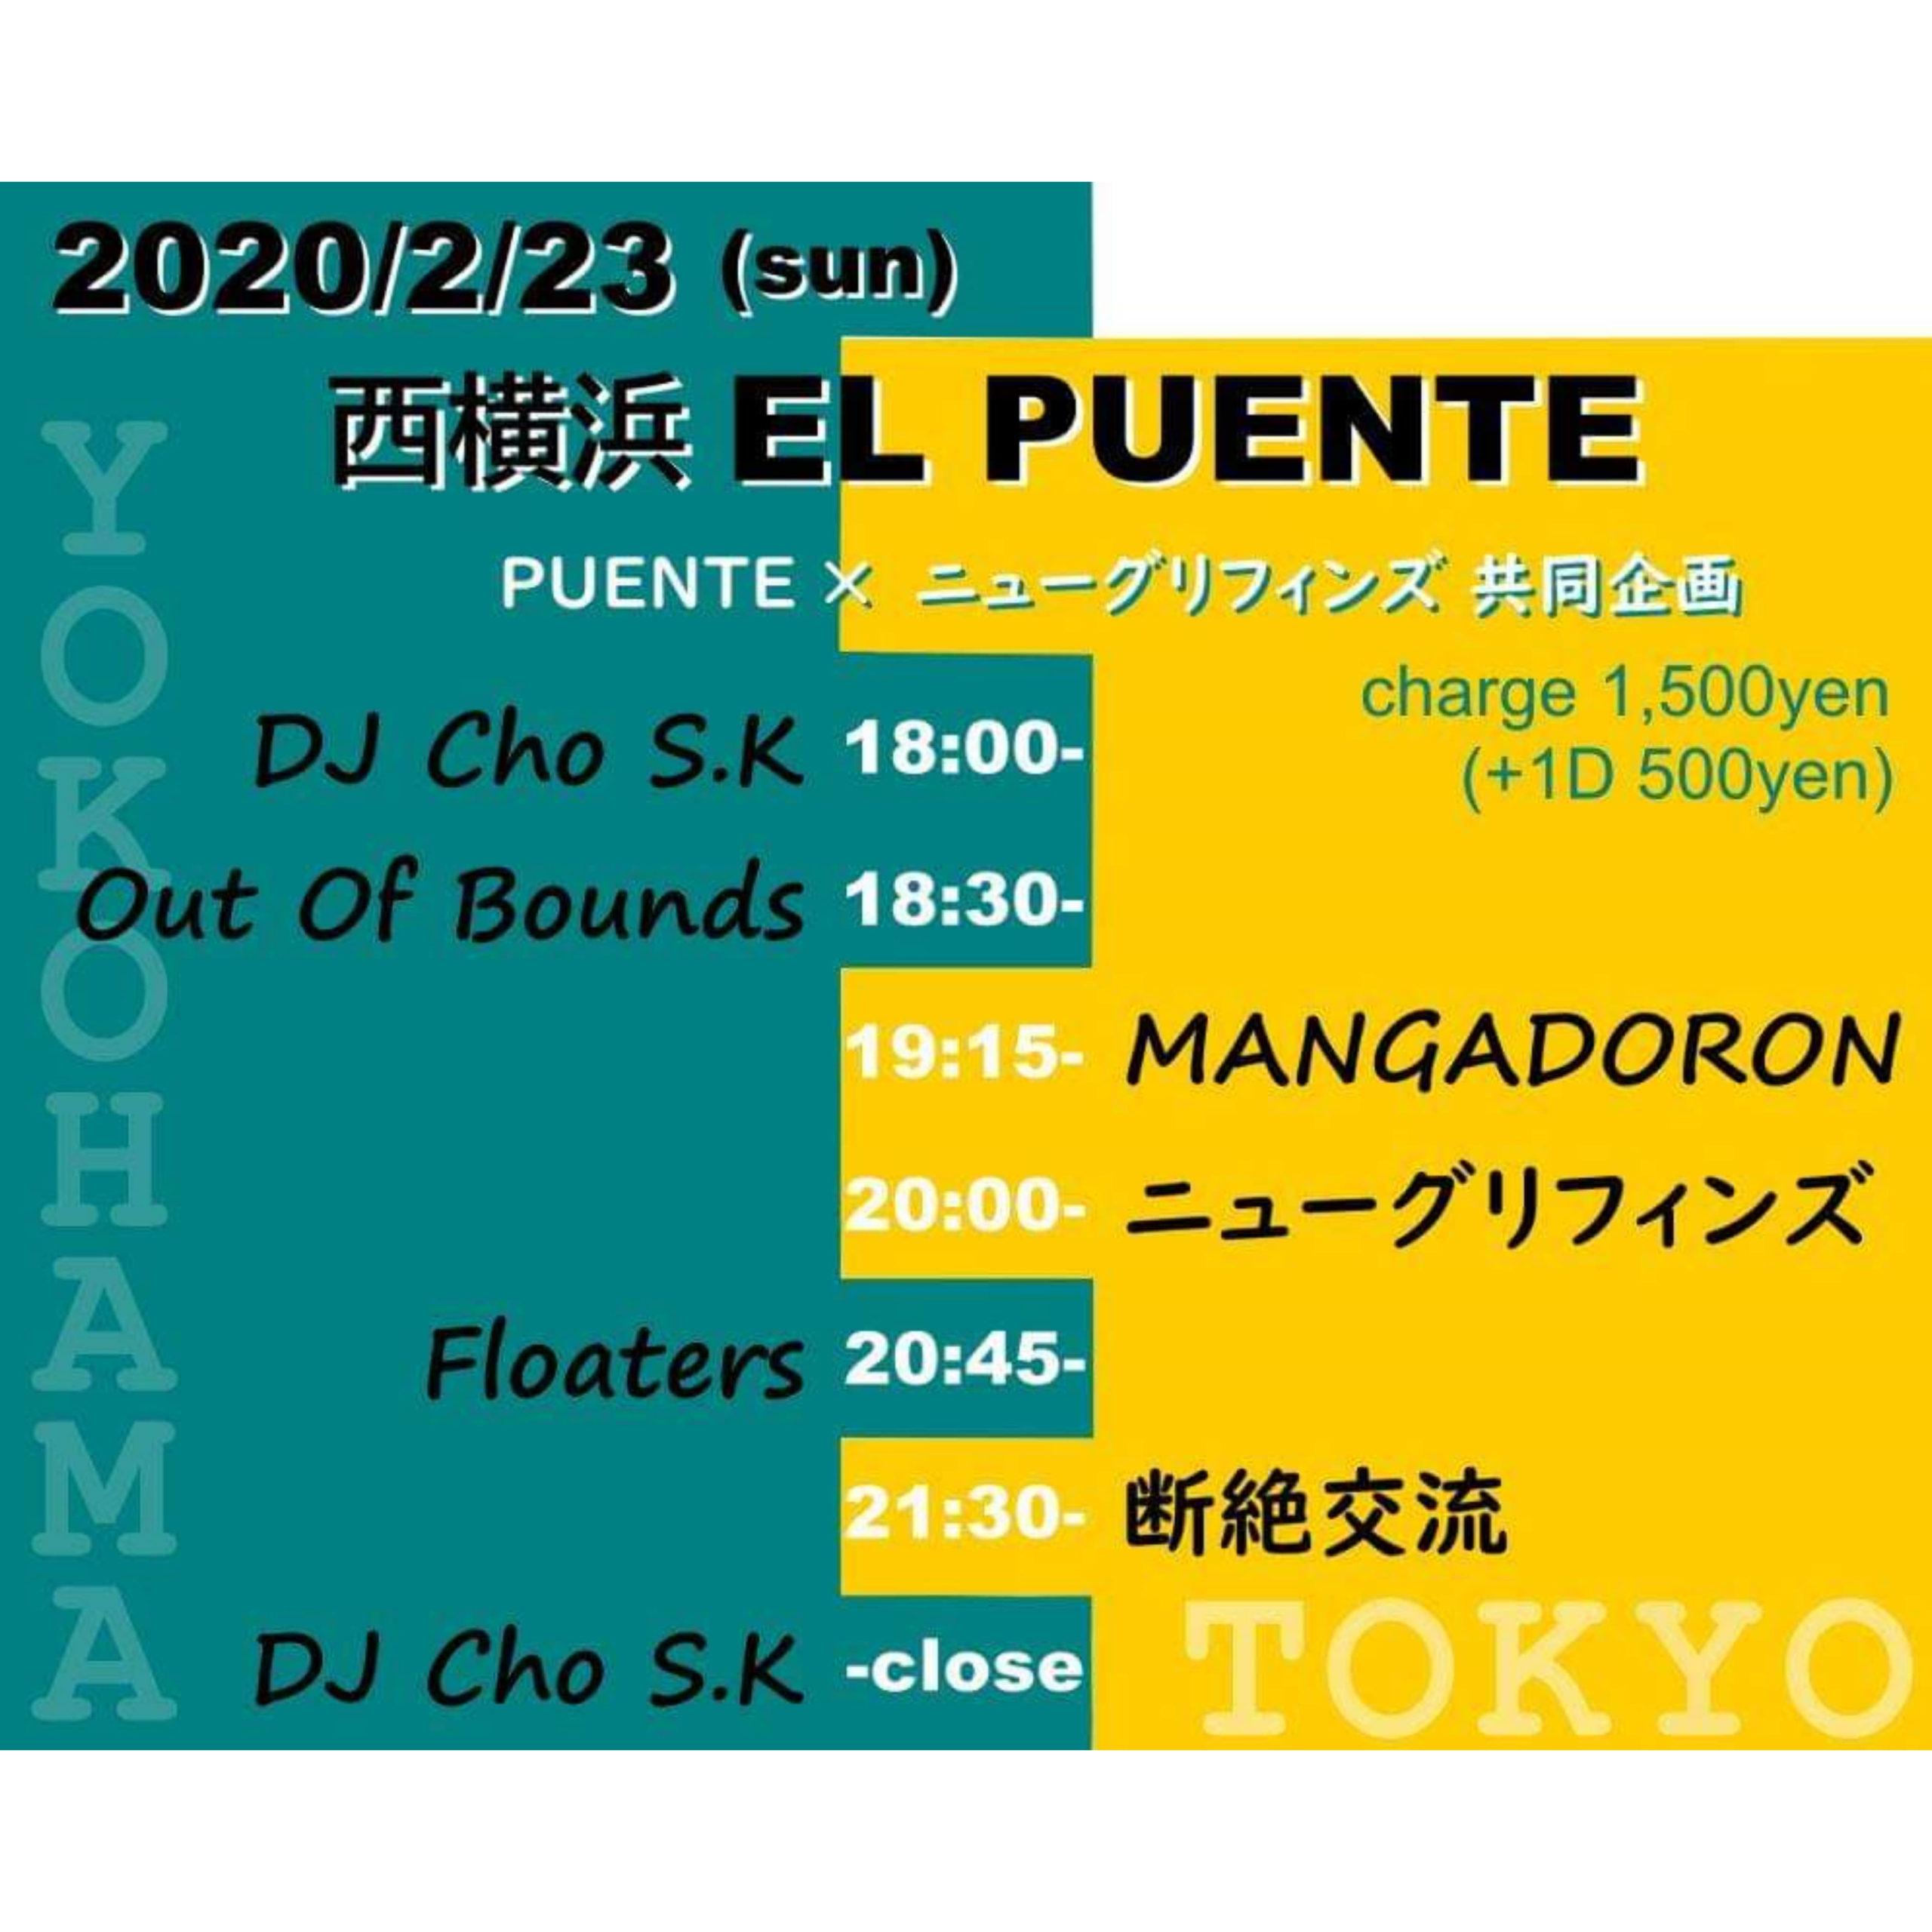 2020/2/23 日 西横浜 EL PUENTE